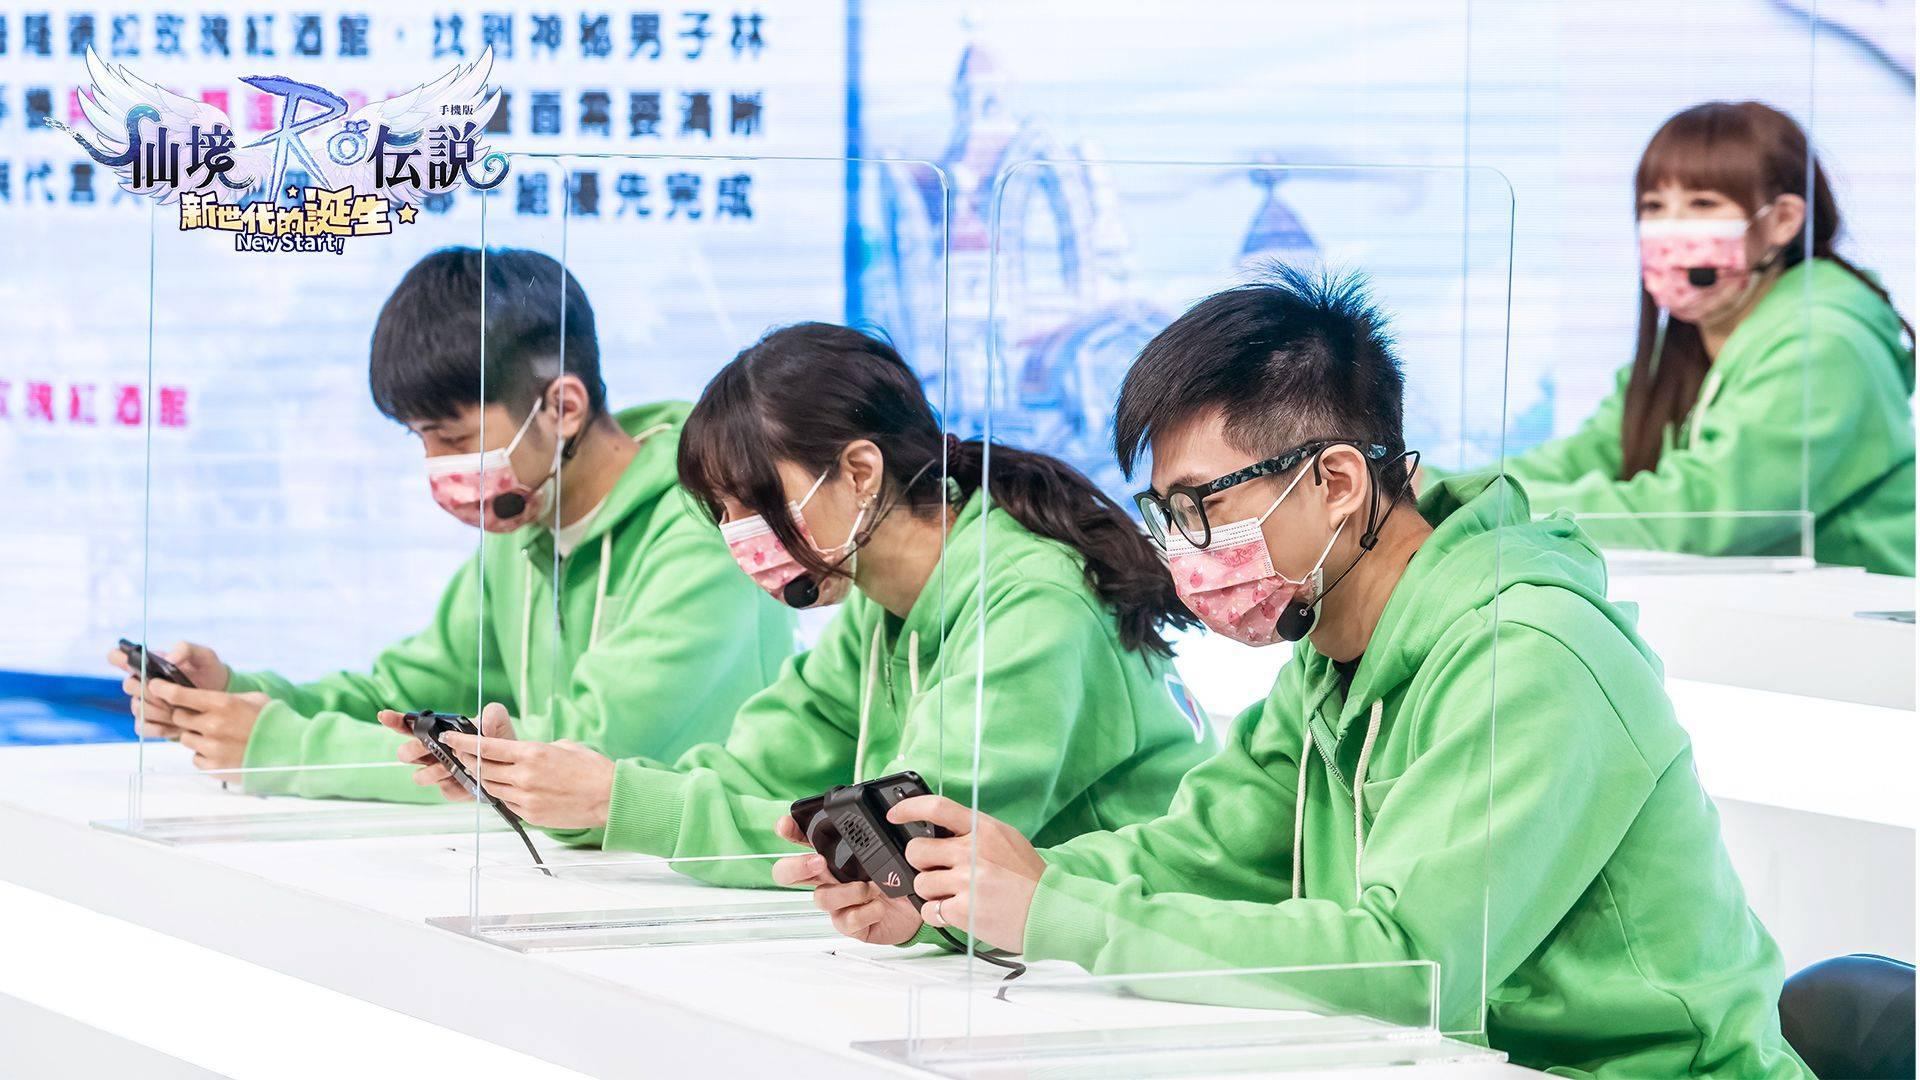 Google Play大挑戰 x《RO仙境傳說:新世代的誕生》直播活動順利落幕,知名實況主上演巔峰對決